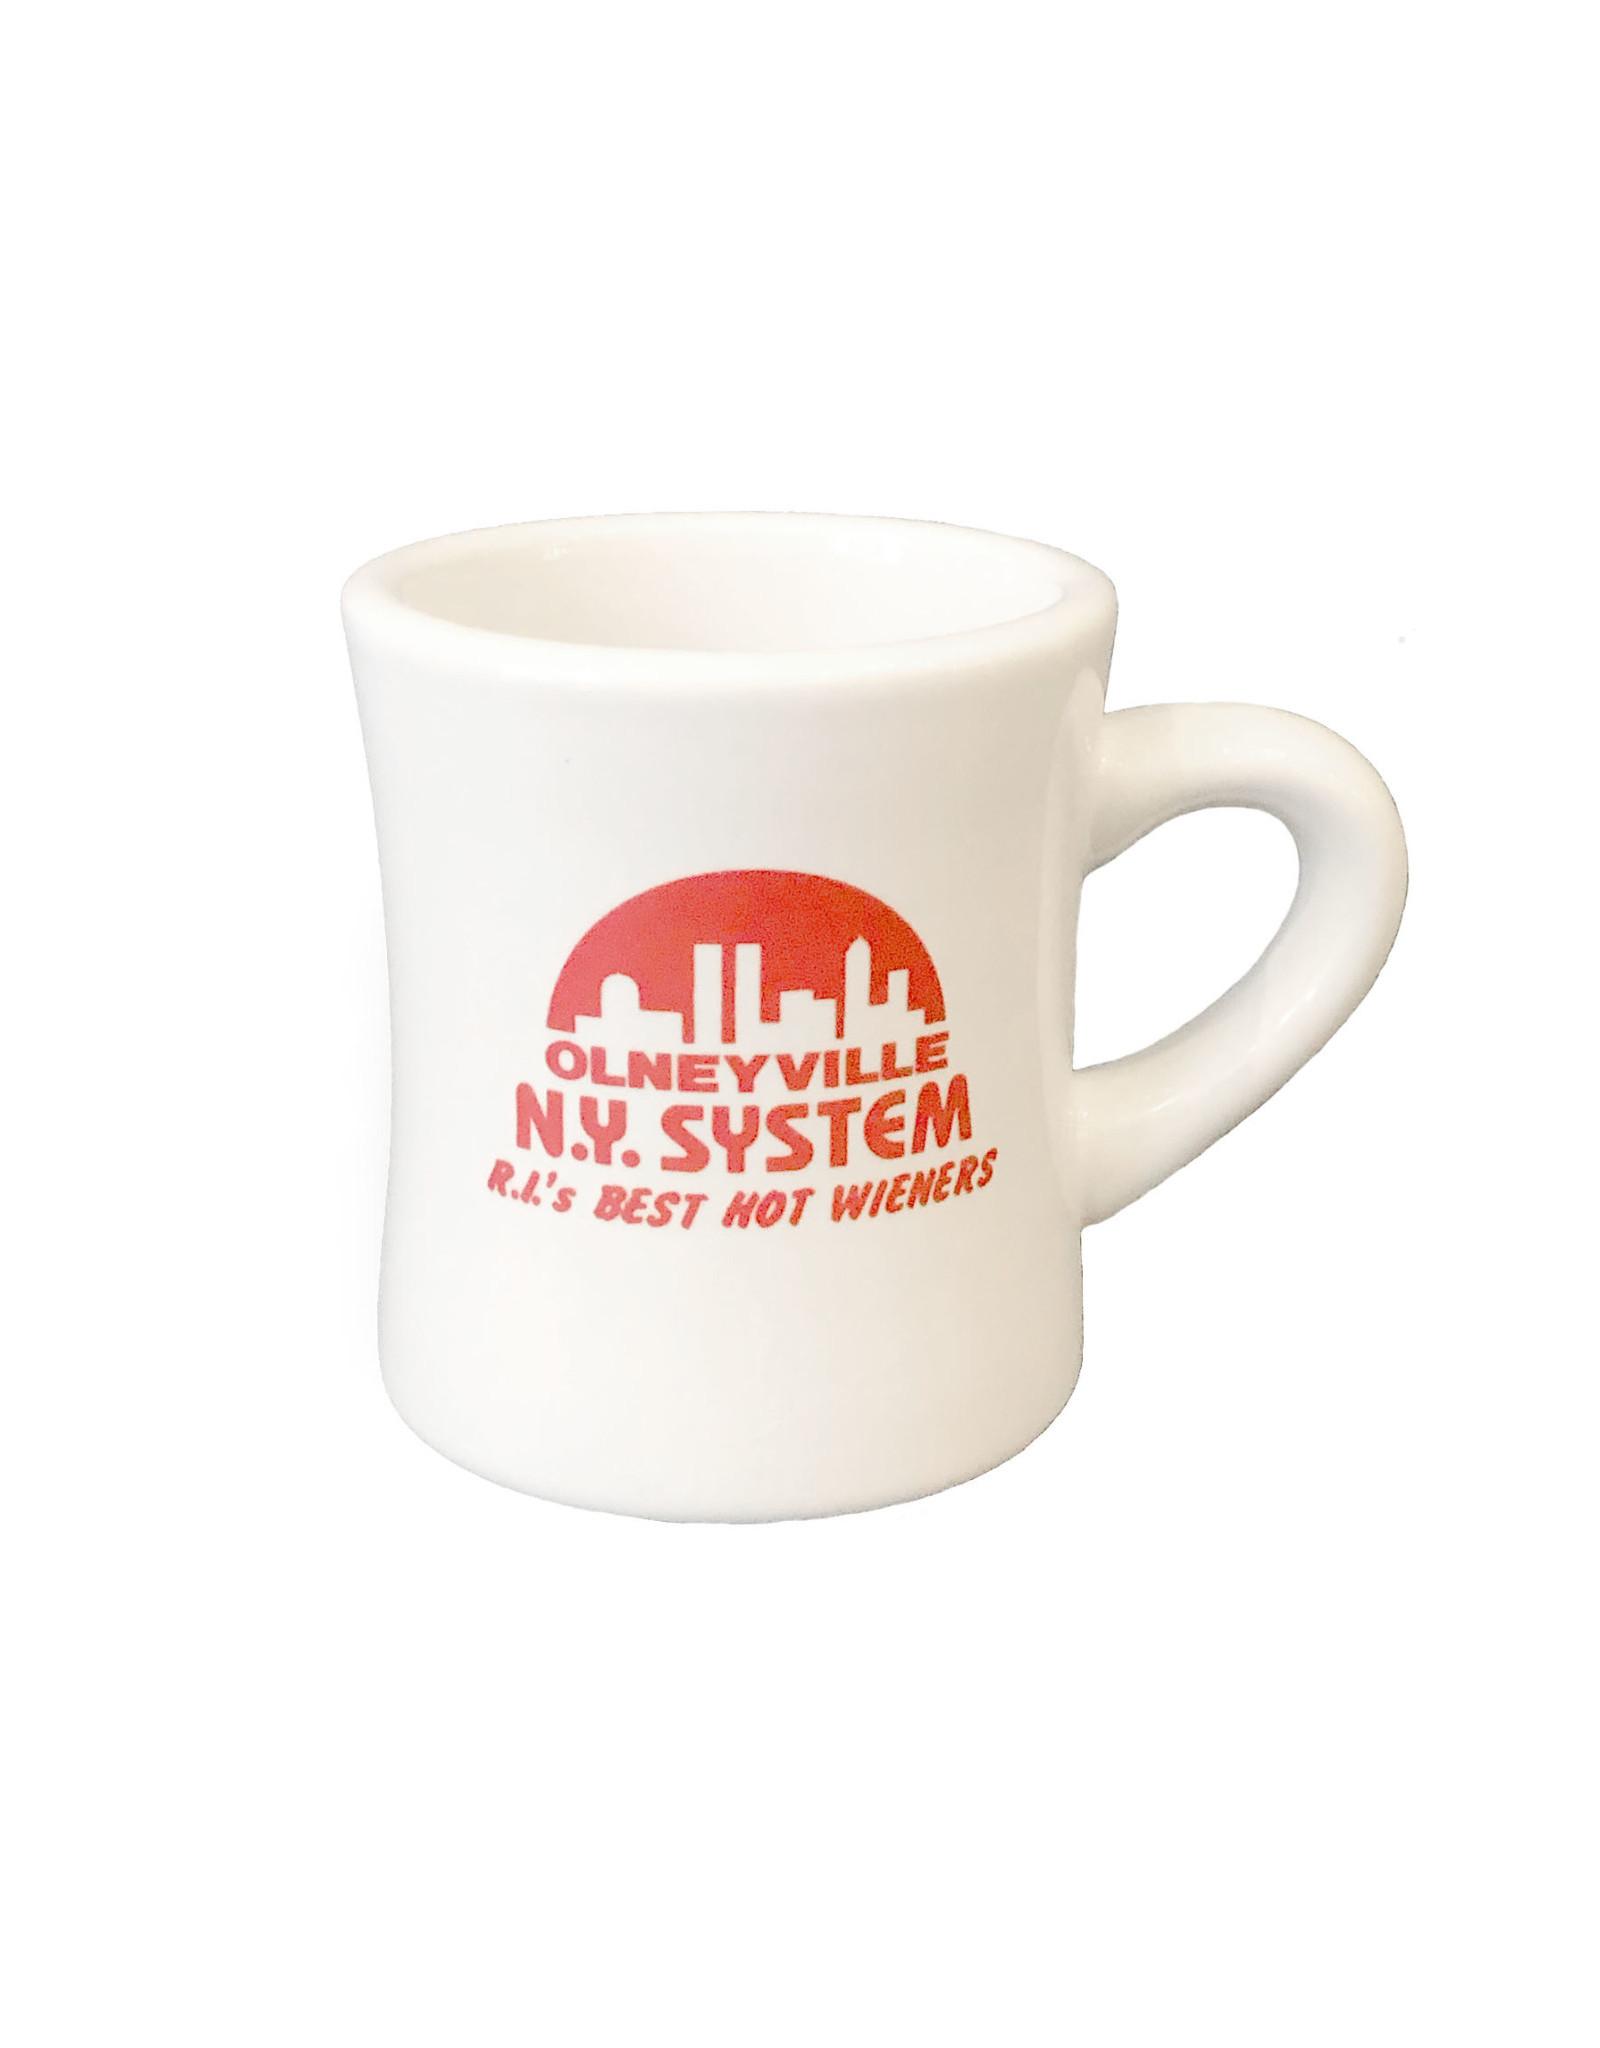 Olneyville Olneyville NY System Mug